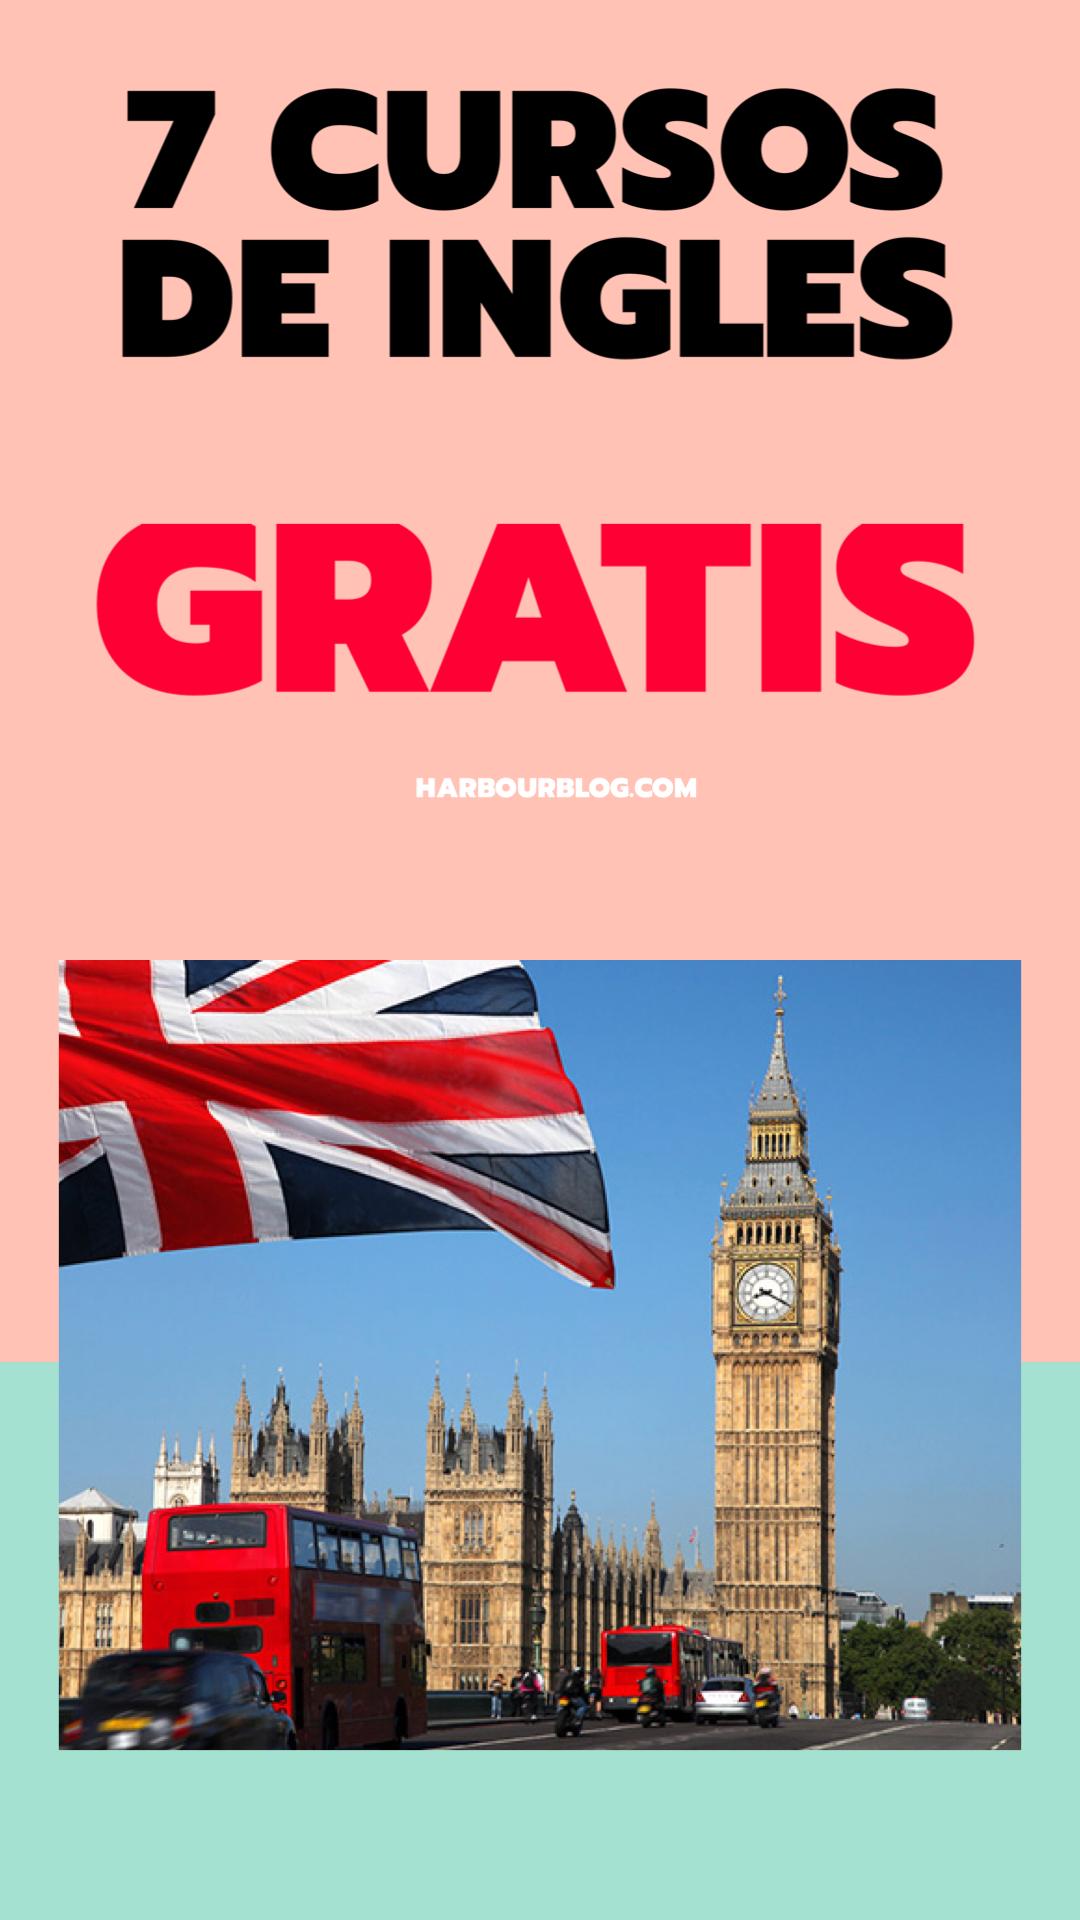 Cursos Gratis De Ingles Habla Inglés Gratis Las Mejores App De Inglés App Para Aprender Ingles Cursos De Ingles Gratis Ingles Para Principiantes